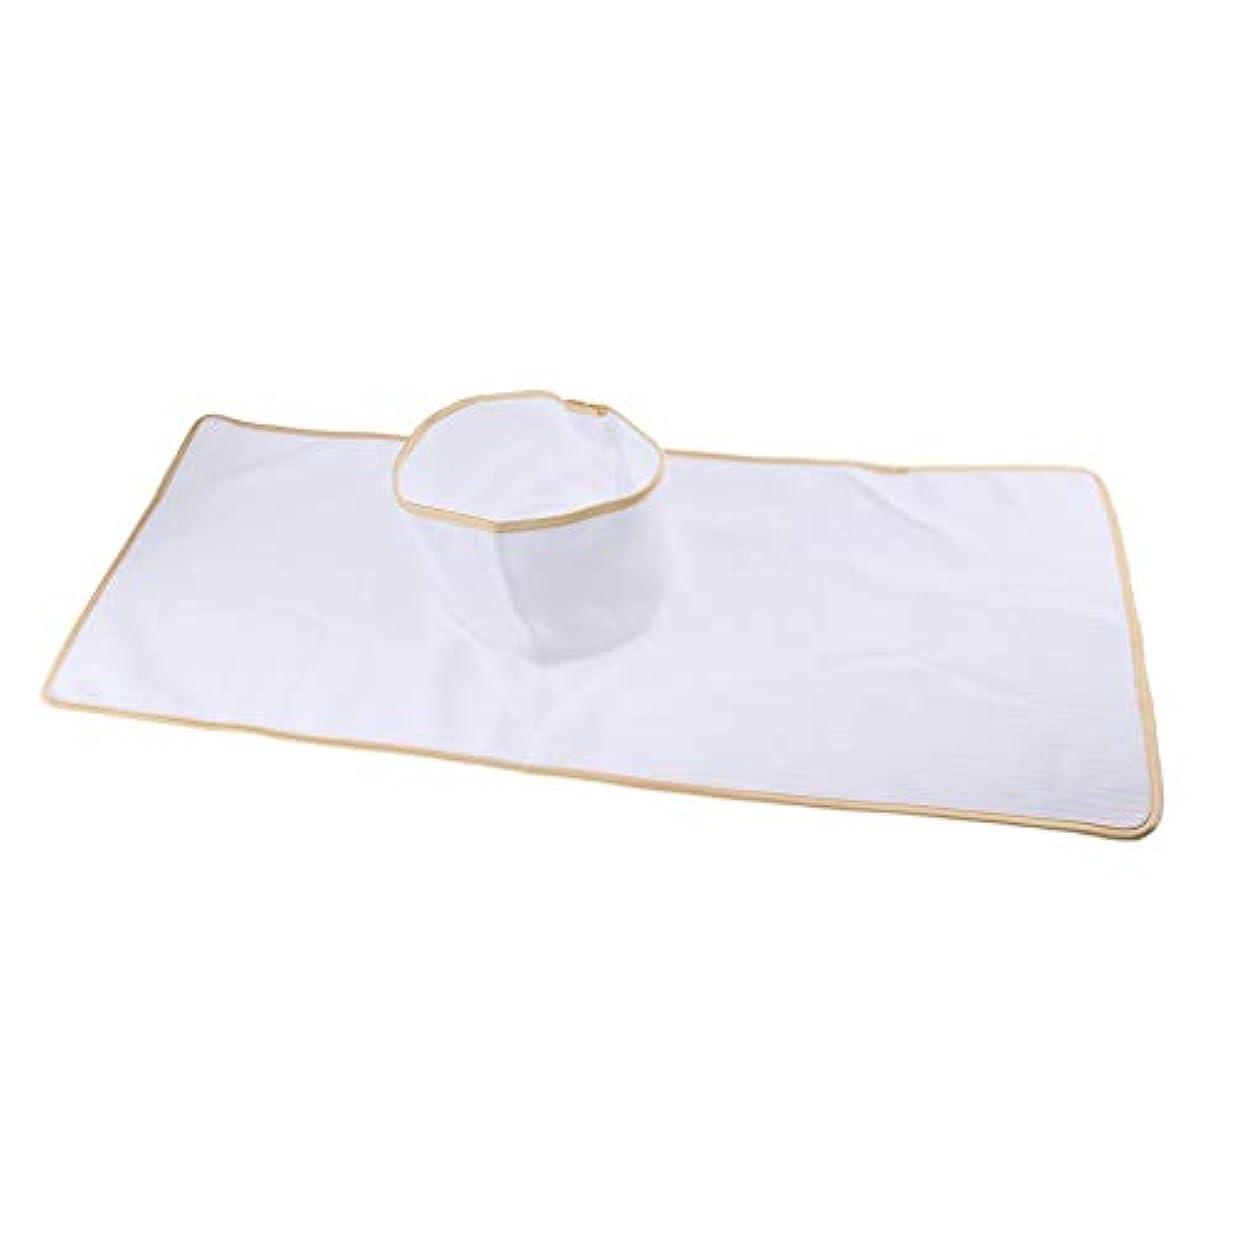 ミュート健全解明するマッサージテーブルカバー シート パッド 顔の穴付き 再使用可能 約90×35cm 全3色 - 白